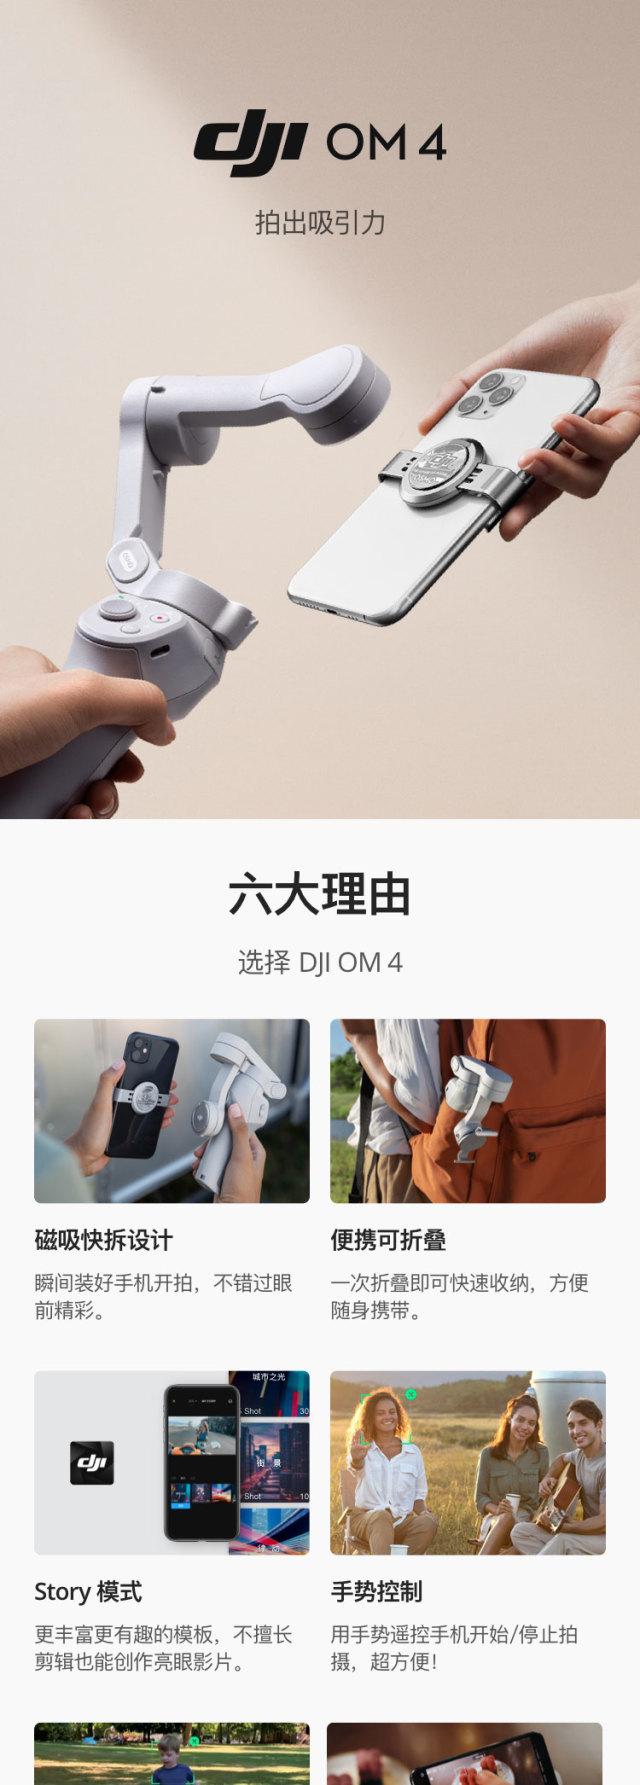 大疆(DJI)手机云台DJIOM4